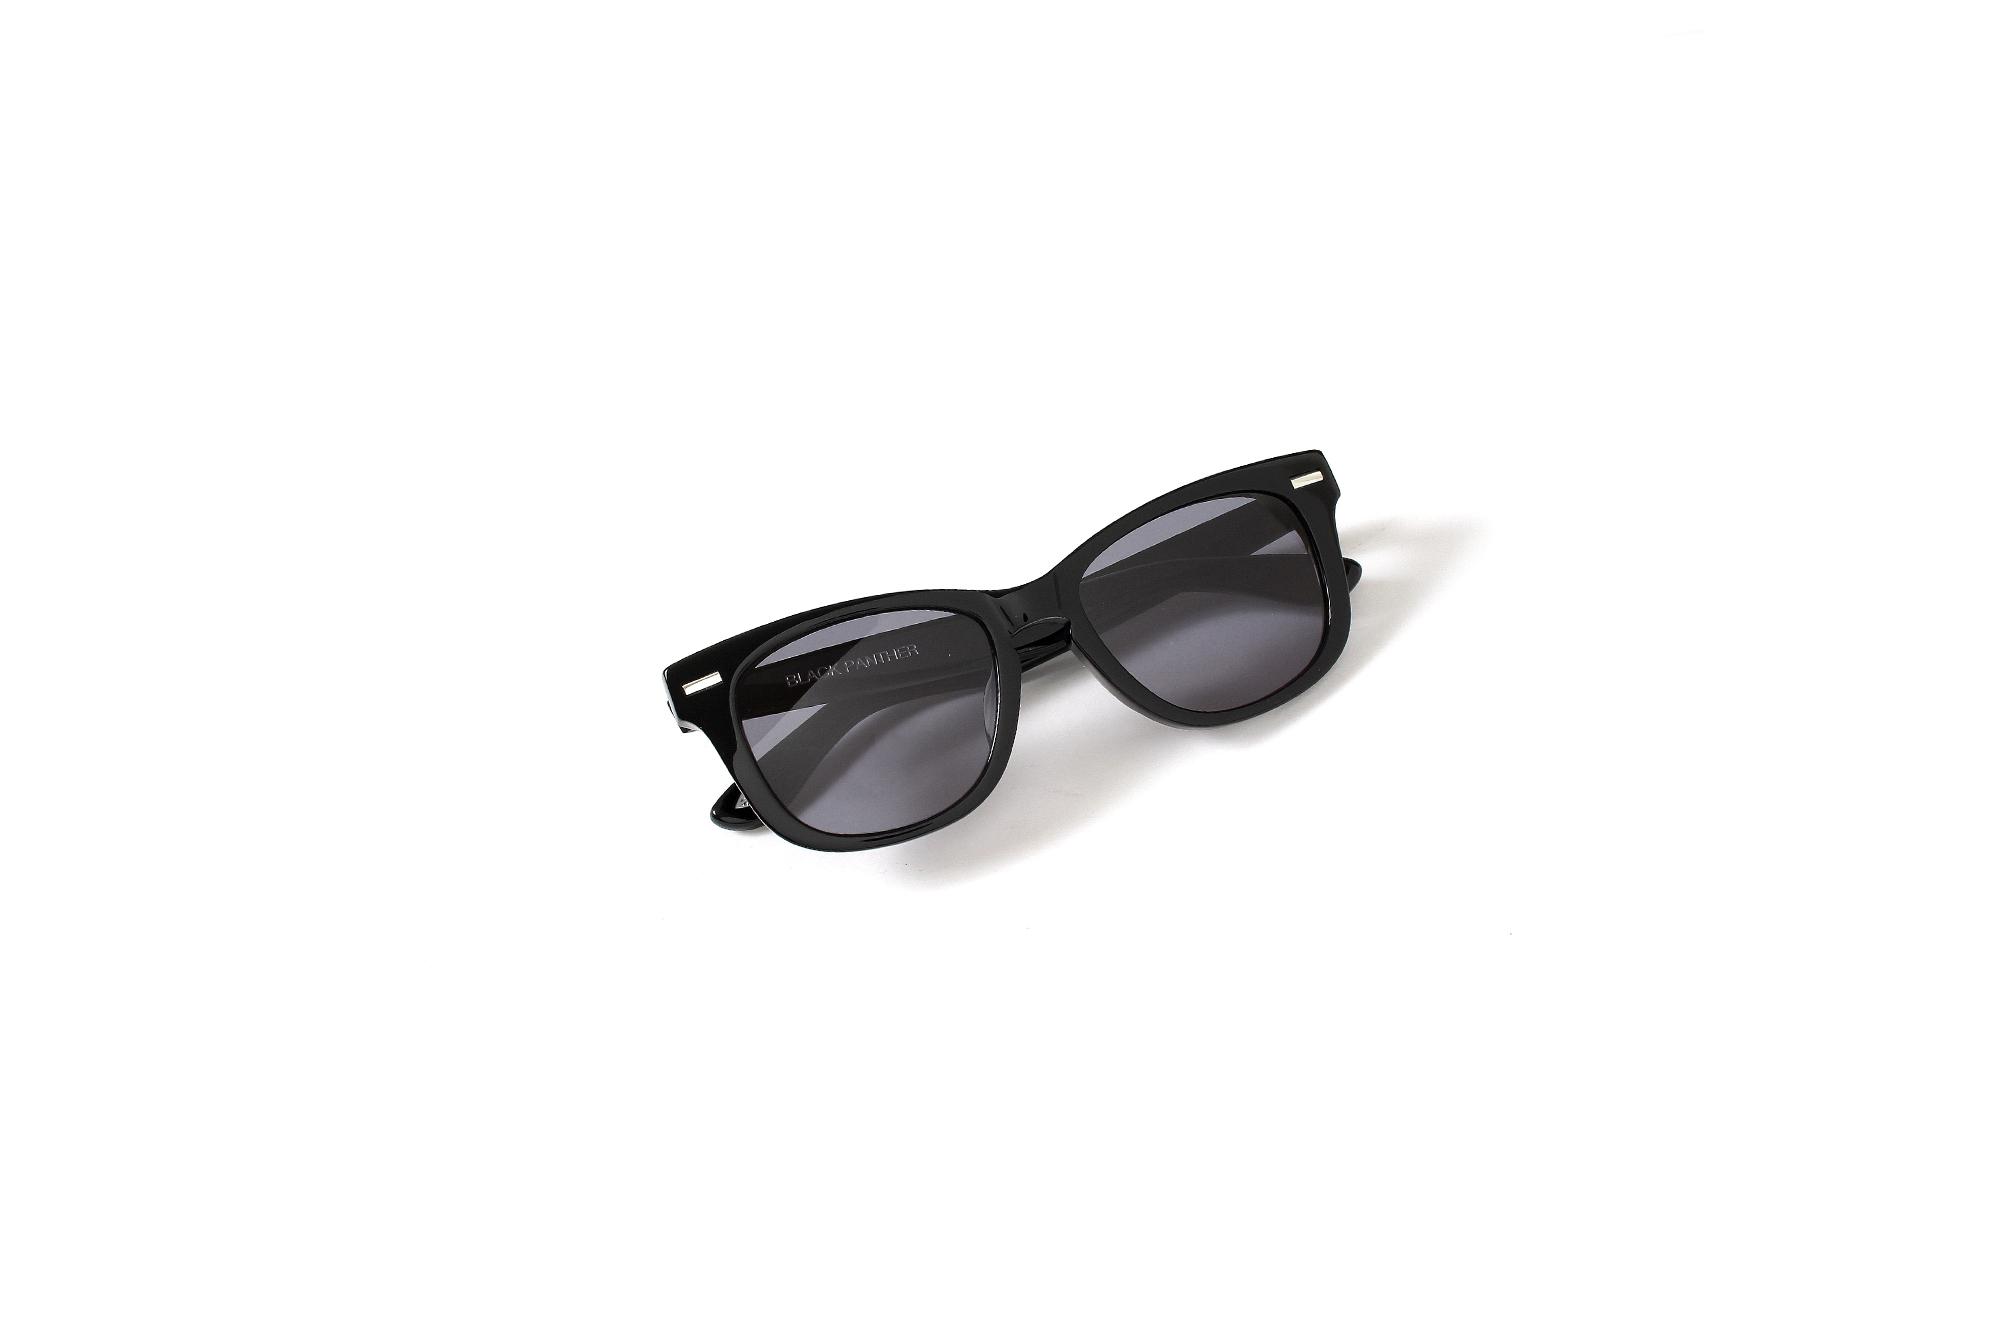 FIXER(フィクサー) BLACK PANTHER(ブラックパンサー) 925 STERLING SILVER サングラス BLACK × BLACK SMOKE (ブラック×ブラックスモーク)【ご予約受付中】愛知 名古屋 Alto e Diritto アルトエデリット 眼鏡 グラサン 925スターリングシルバー スペシャルモデル sunglasses